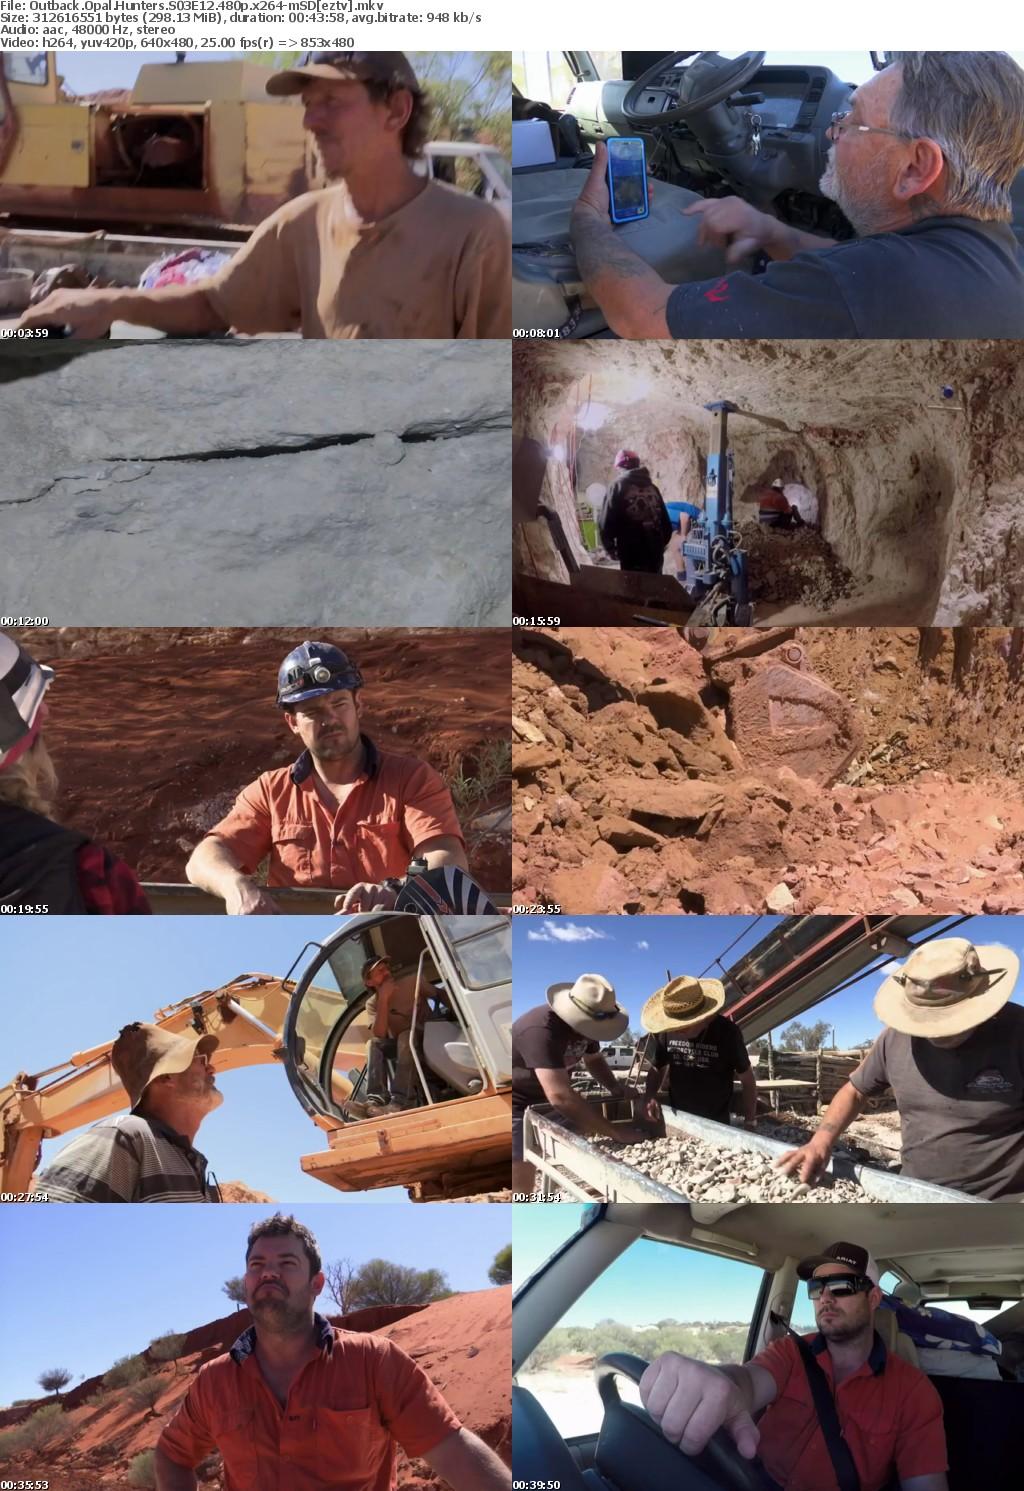 Outback Opal Hunters S03E12 480p x264-mSD